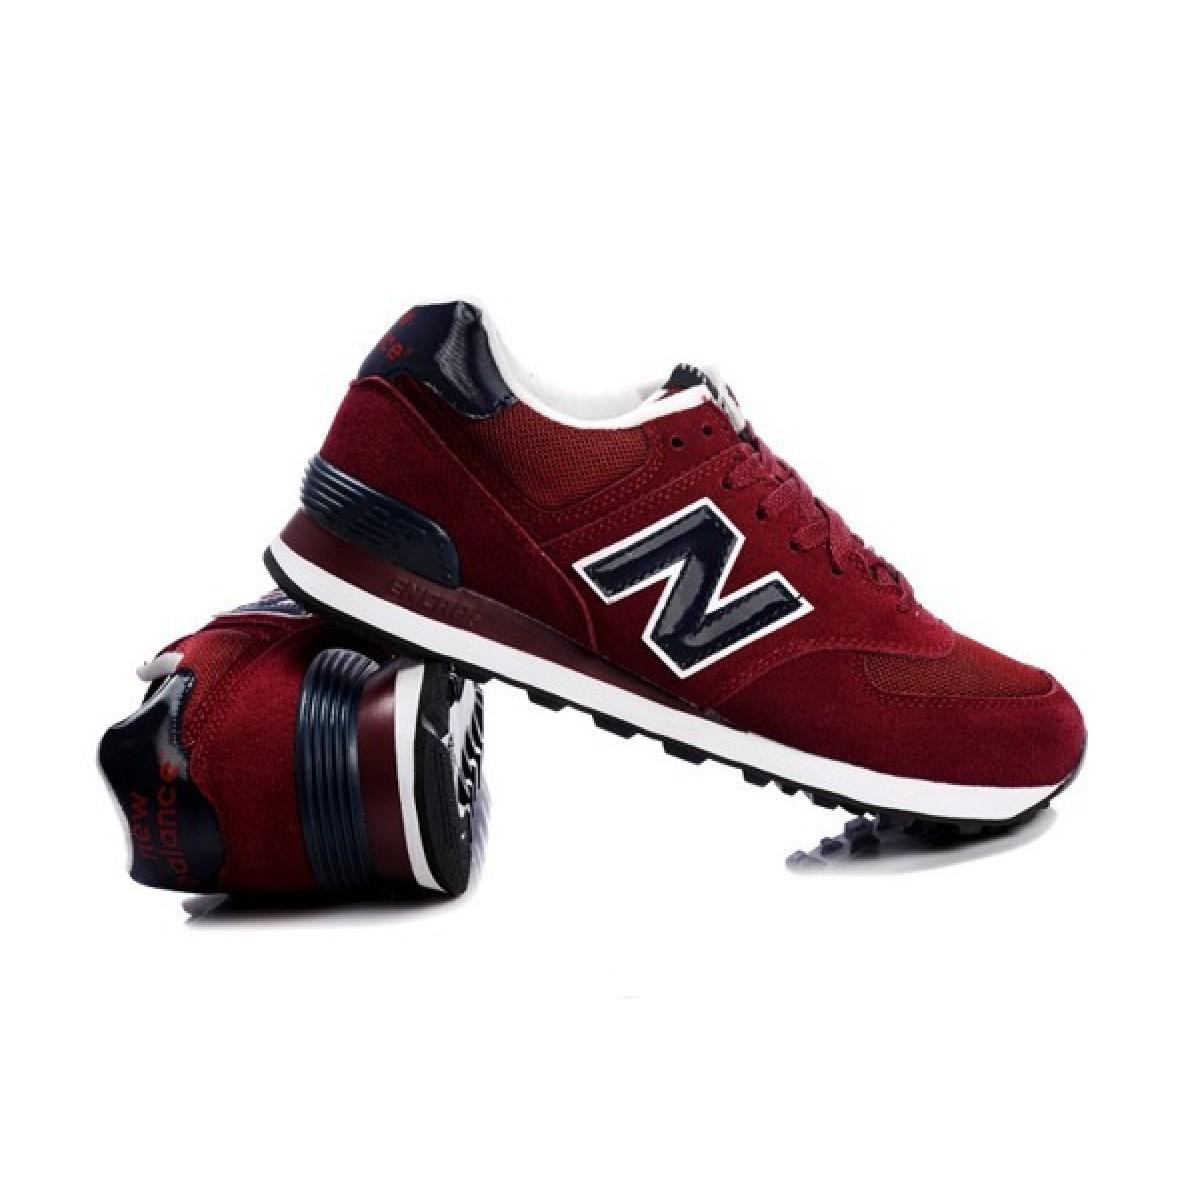 Achat   Vente produits New Balance 574 Homme,Président Chaussures New  Balance 574 Homme Pas 46965124319a